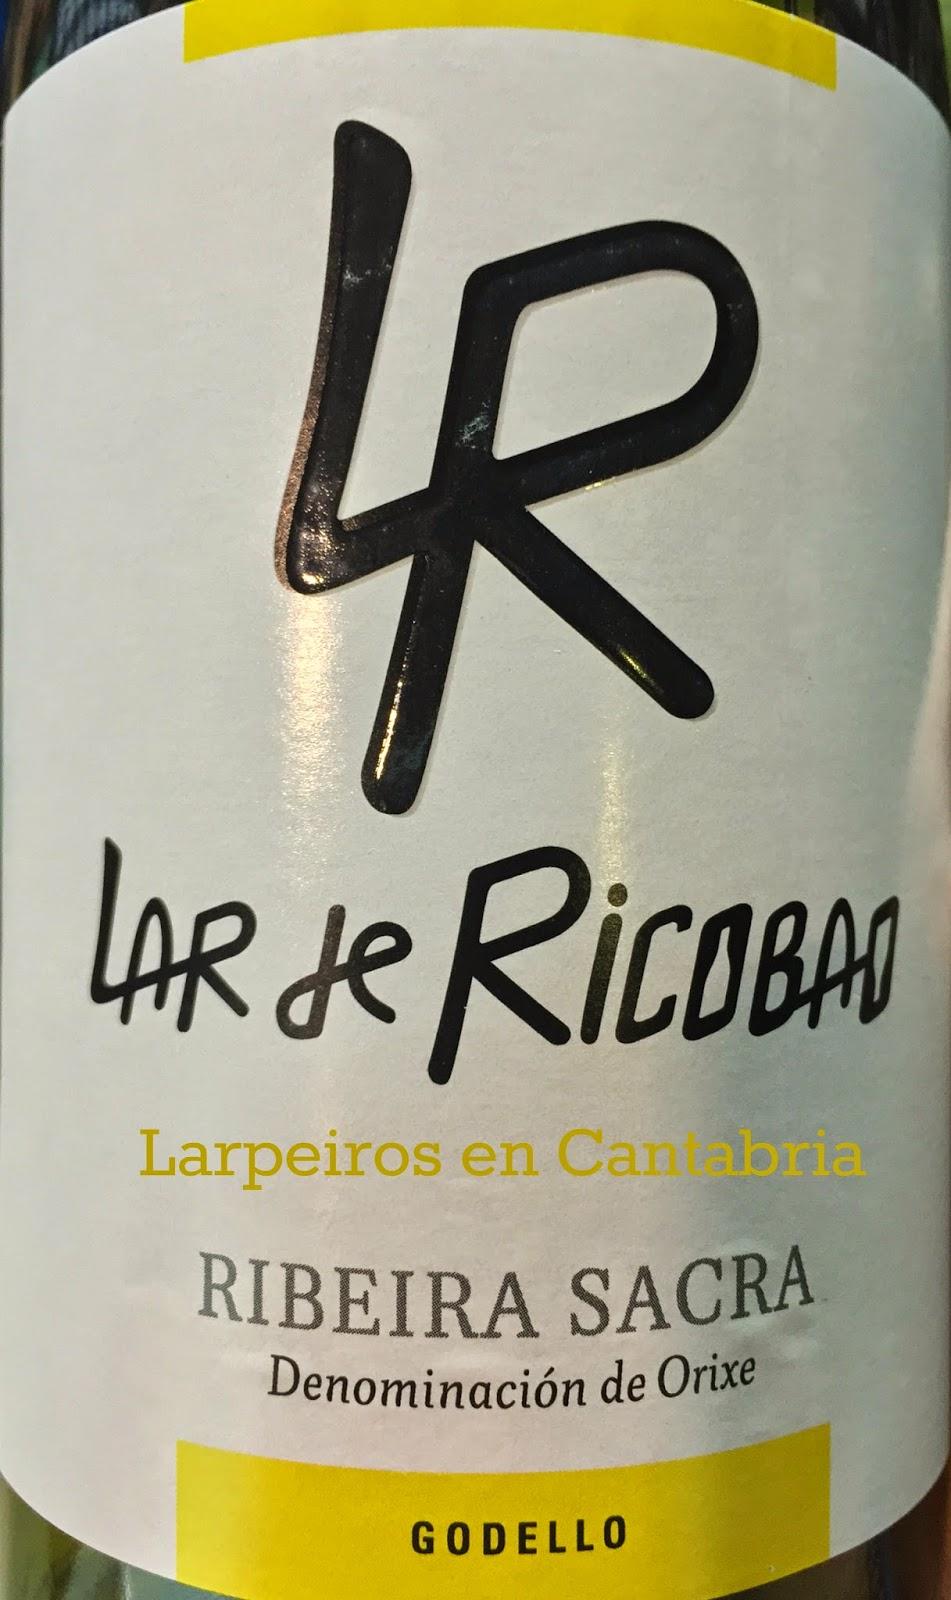 Blanco Lar de Ricobao 2013: Su primera añada